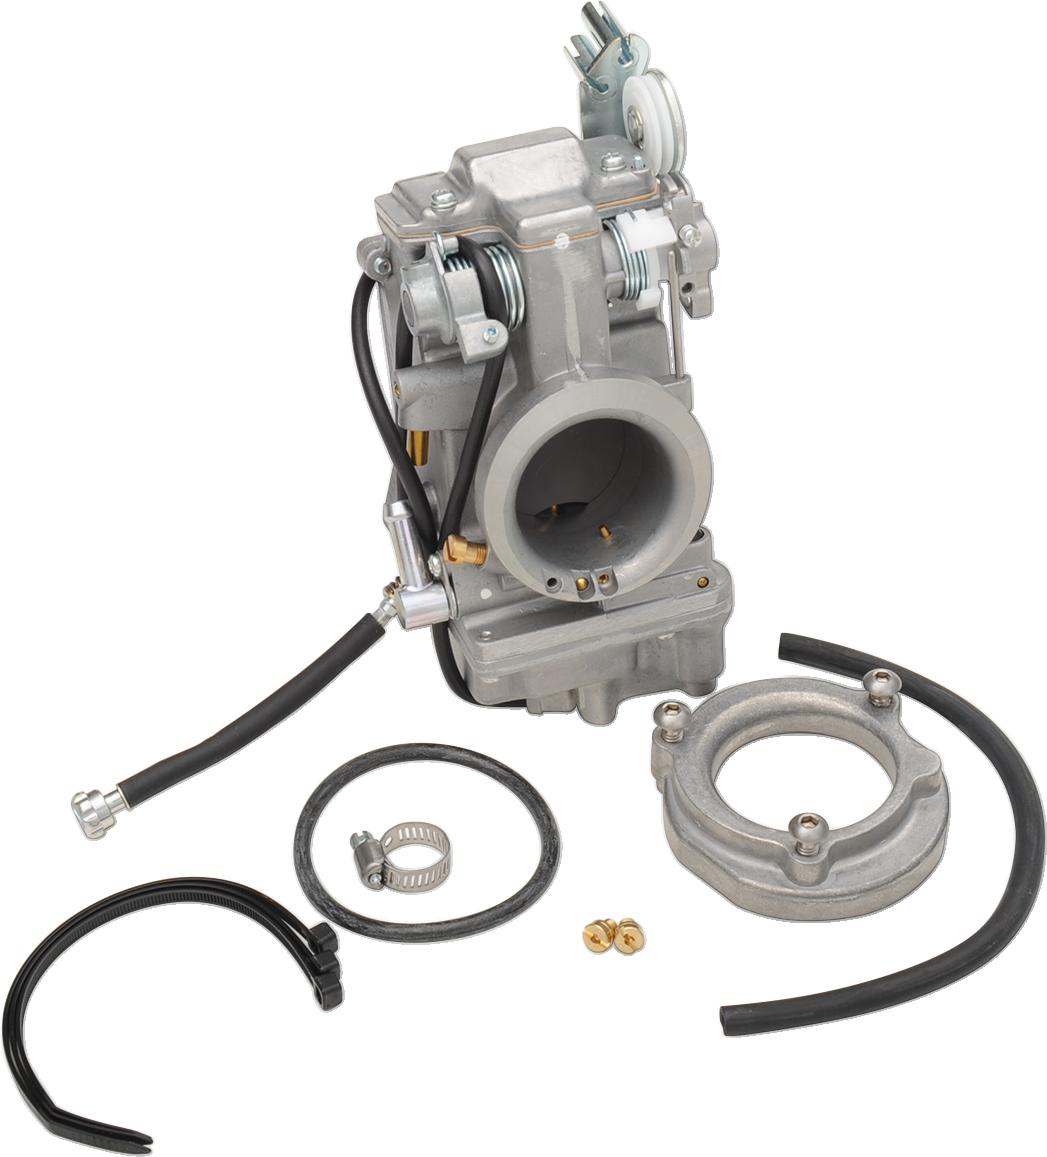 Mikuni Smoothbore HRS42 Carburetor Kit for 94-06 Harley Buell Sportster Lighting